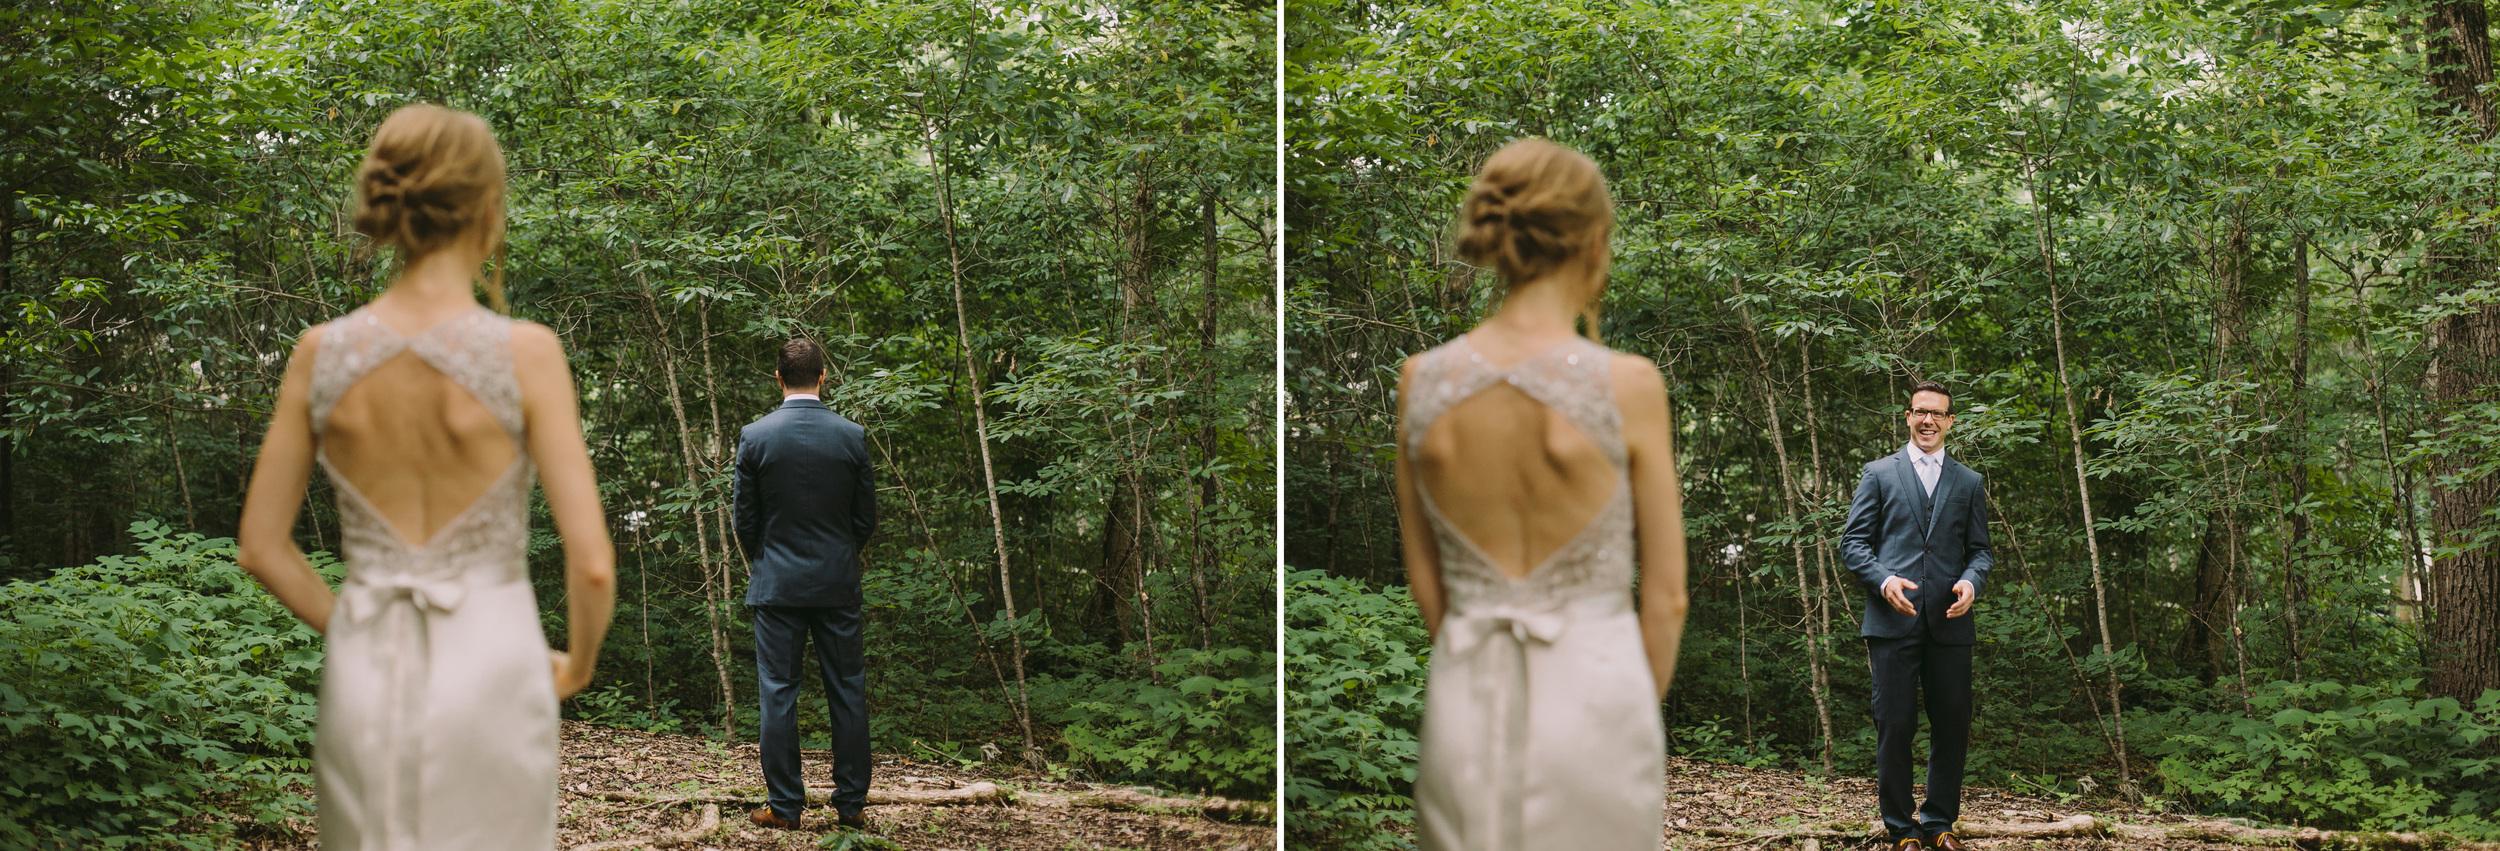 Laura + Mark Wedding Nashville Wedding Photographer Photography Anthology-22 copy.jpg